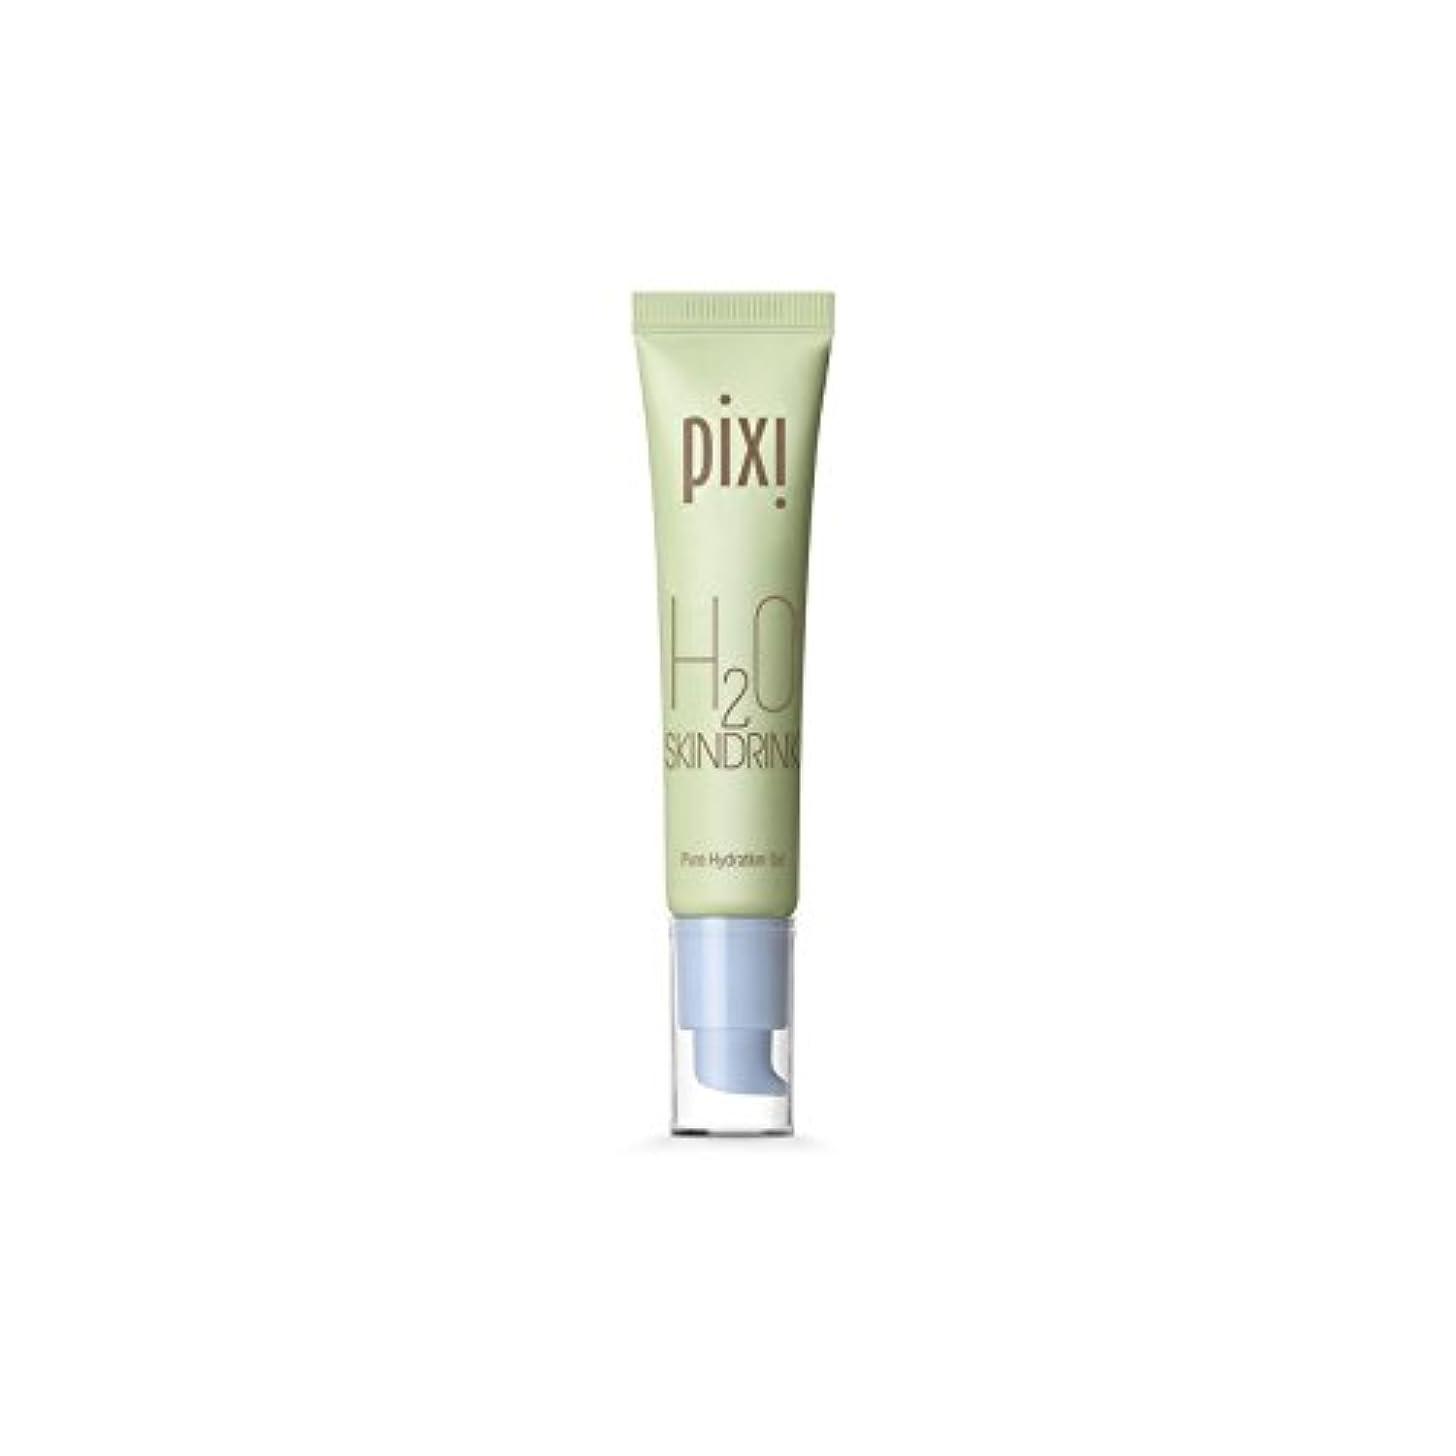 権限親愛ななかなかPixi H20 Skin Drink (Pack of 6) - 20スキンドリンク x6 [並行輸入品]